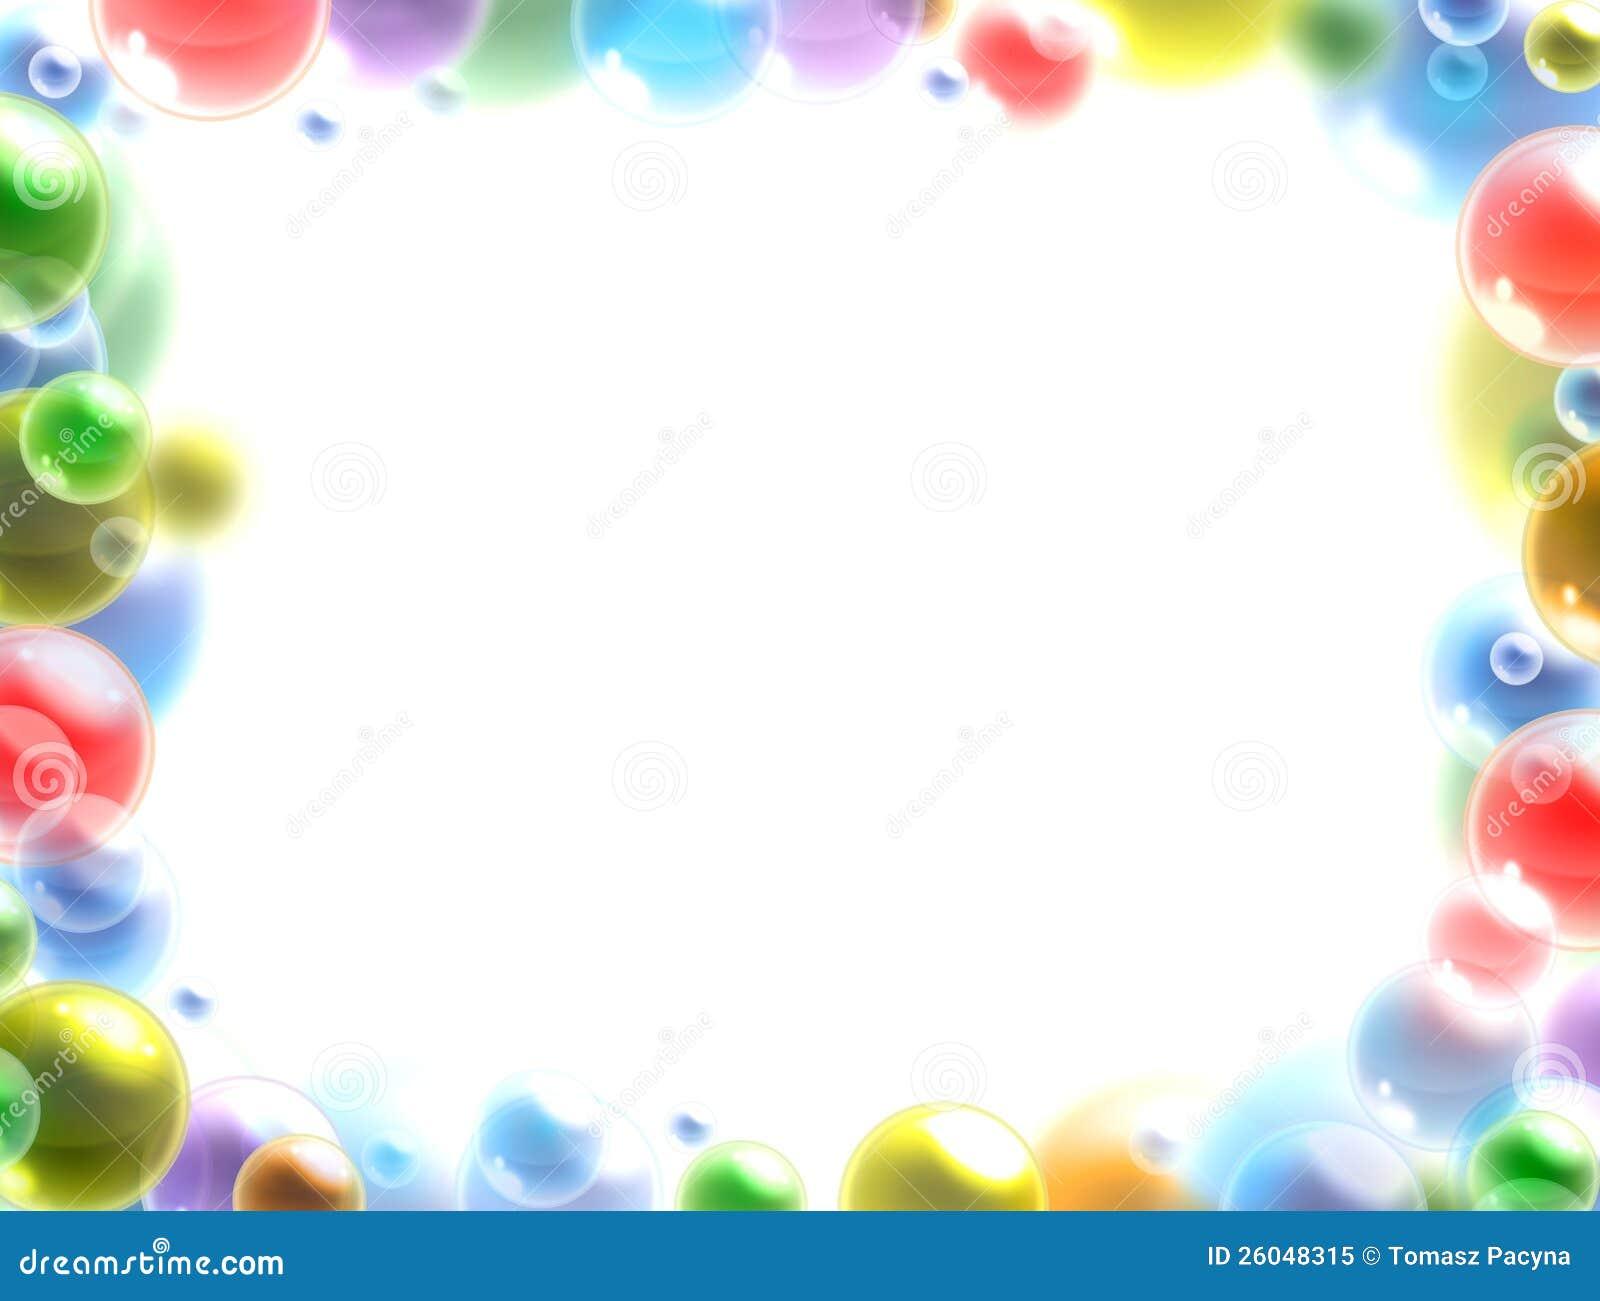 Fondo Colorido Del Marco De Las Burbujas Stock de ilustración ...